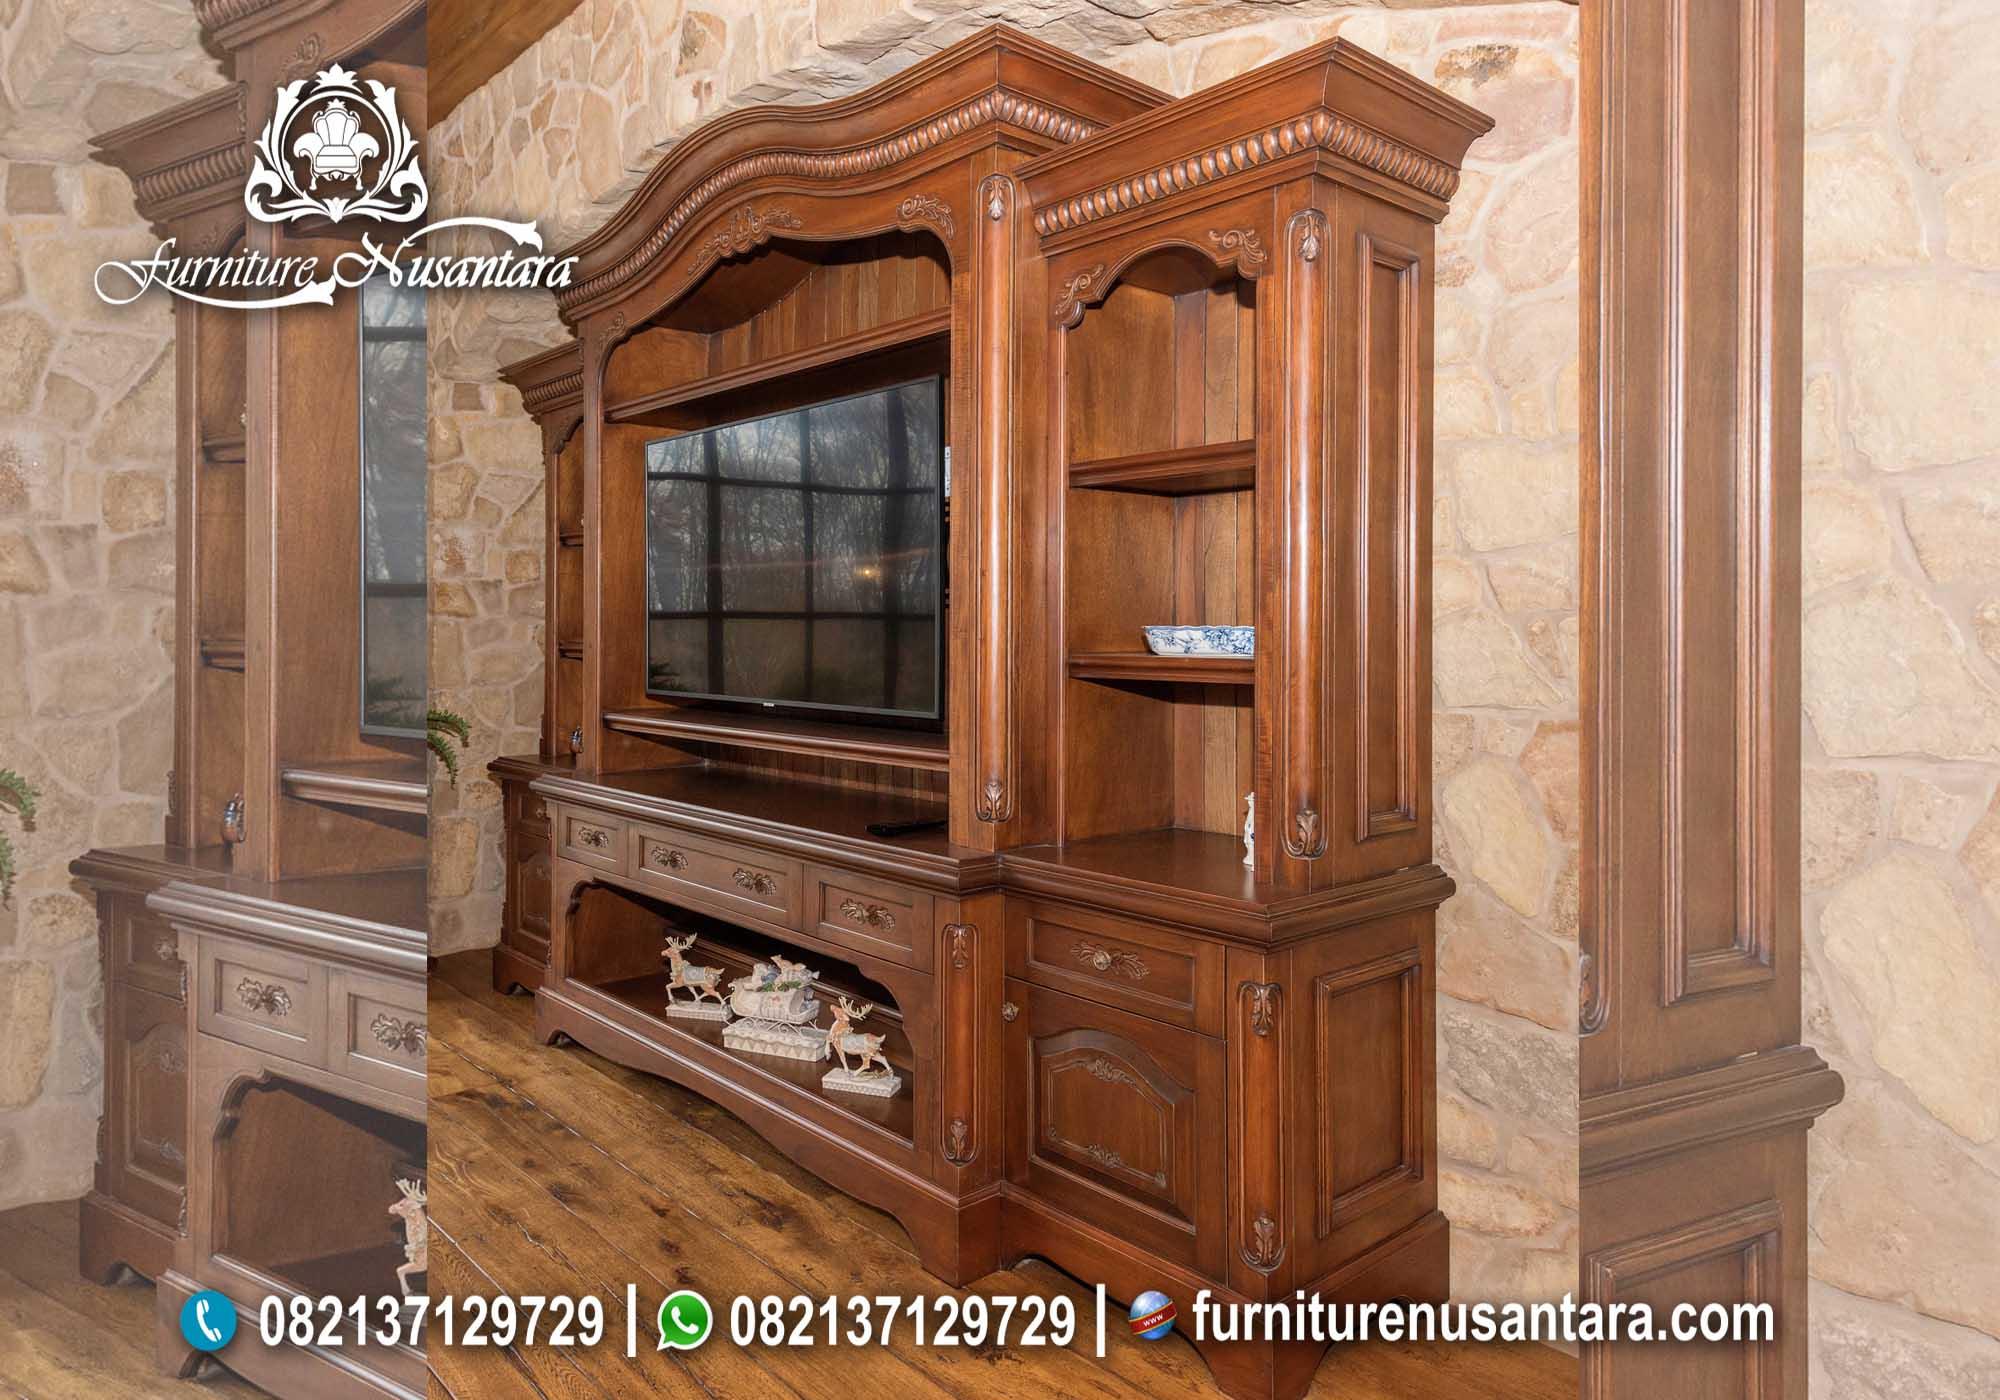 Jual Lemari TV Jati Natural BTV-32, Furniture Nusantara